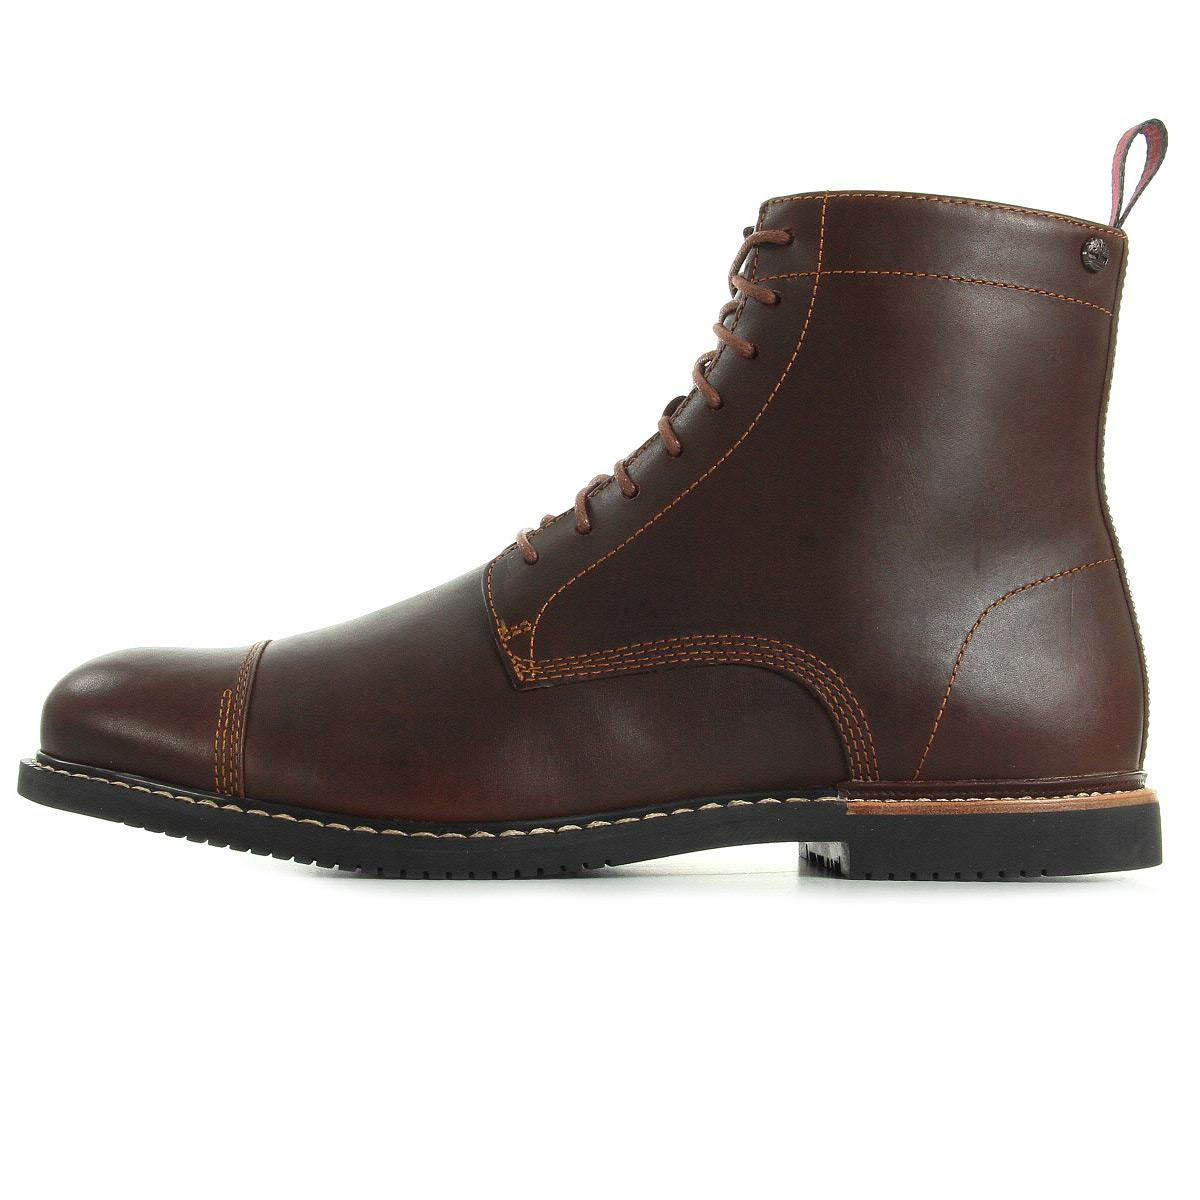 bottines timberland homme ek brook prk taille marron cuir lacets ebay. Black Bedroom Furniture Sets. Home Design Ideas